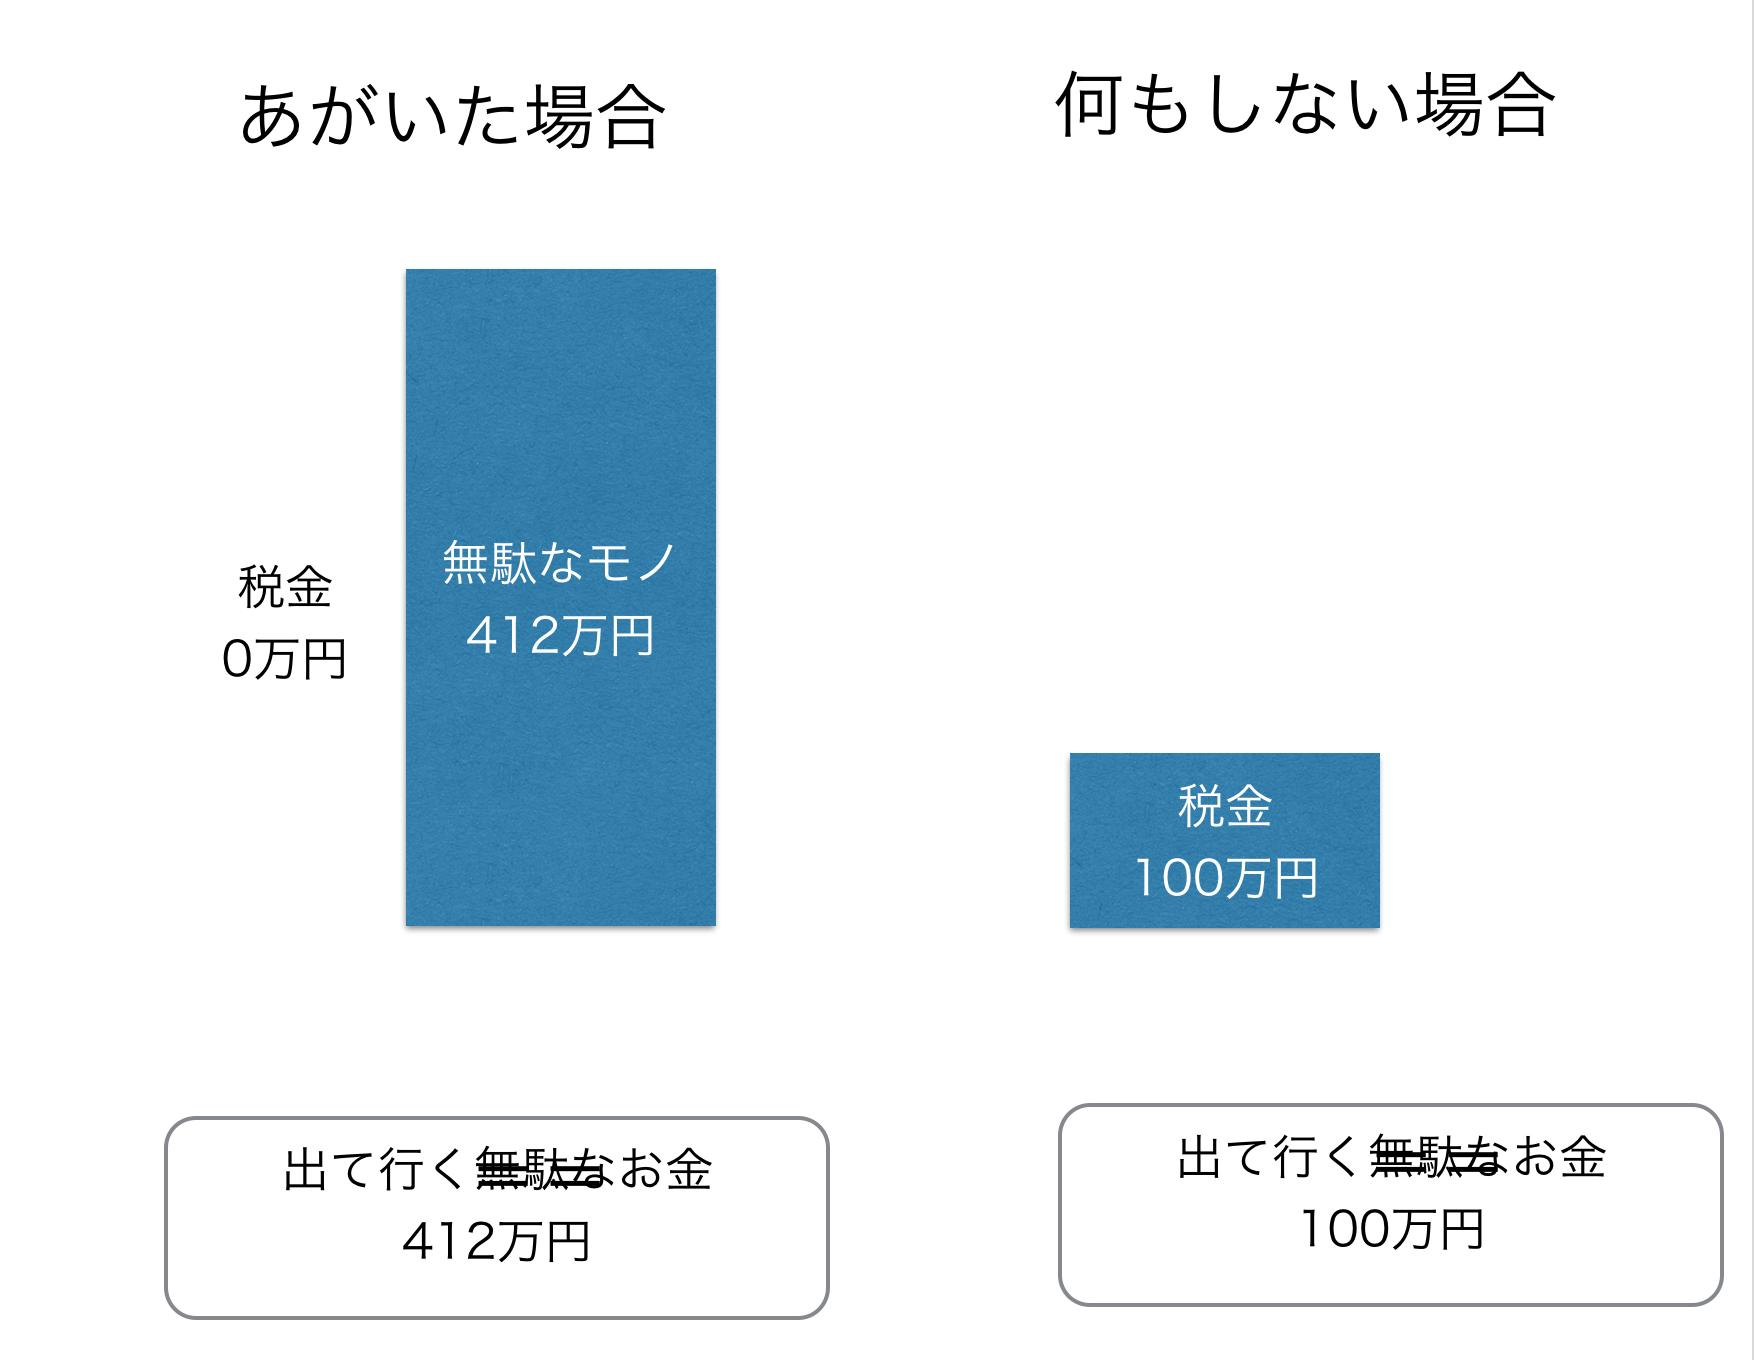 スクリーンショット 2015-07-01 8.51.14